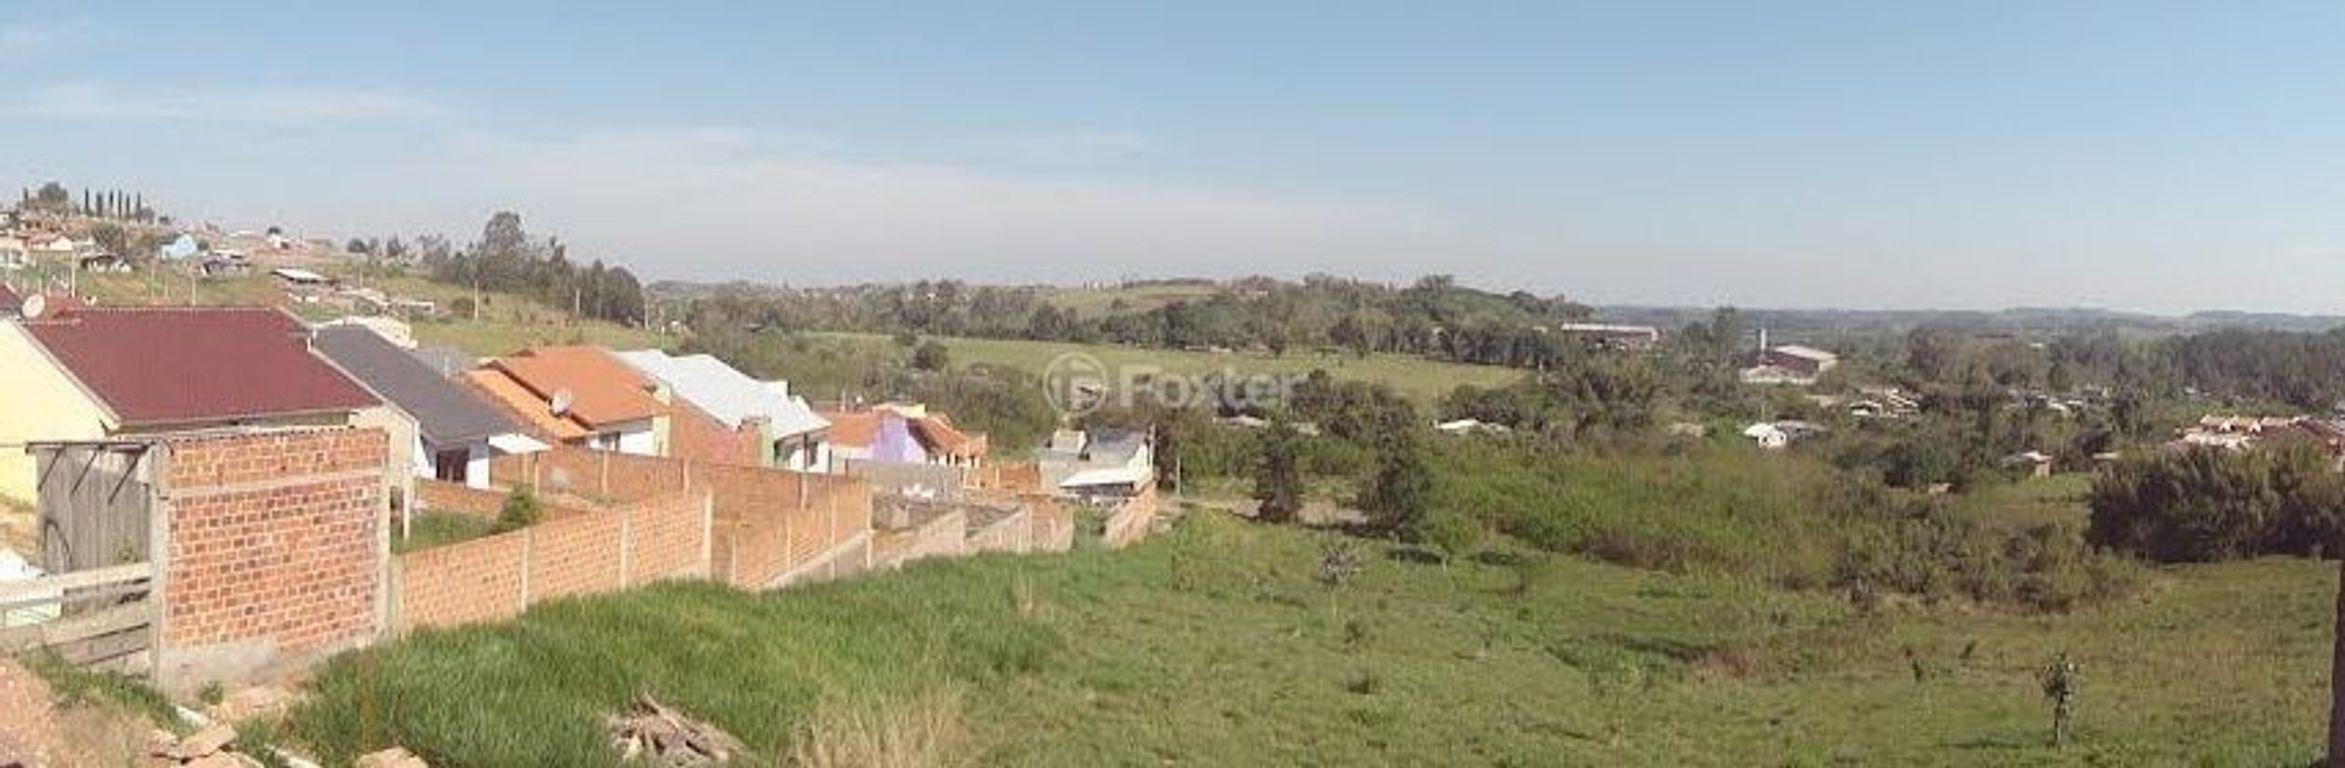 Casa 3 Dorm, Arroio da Manteiga, São Leopoldo (130523) - Foto 4